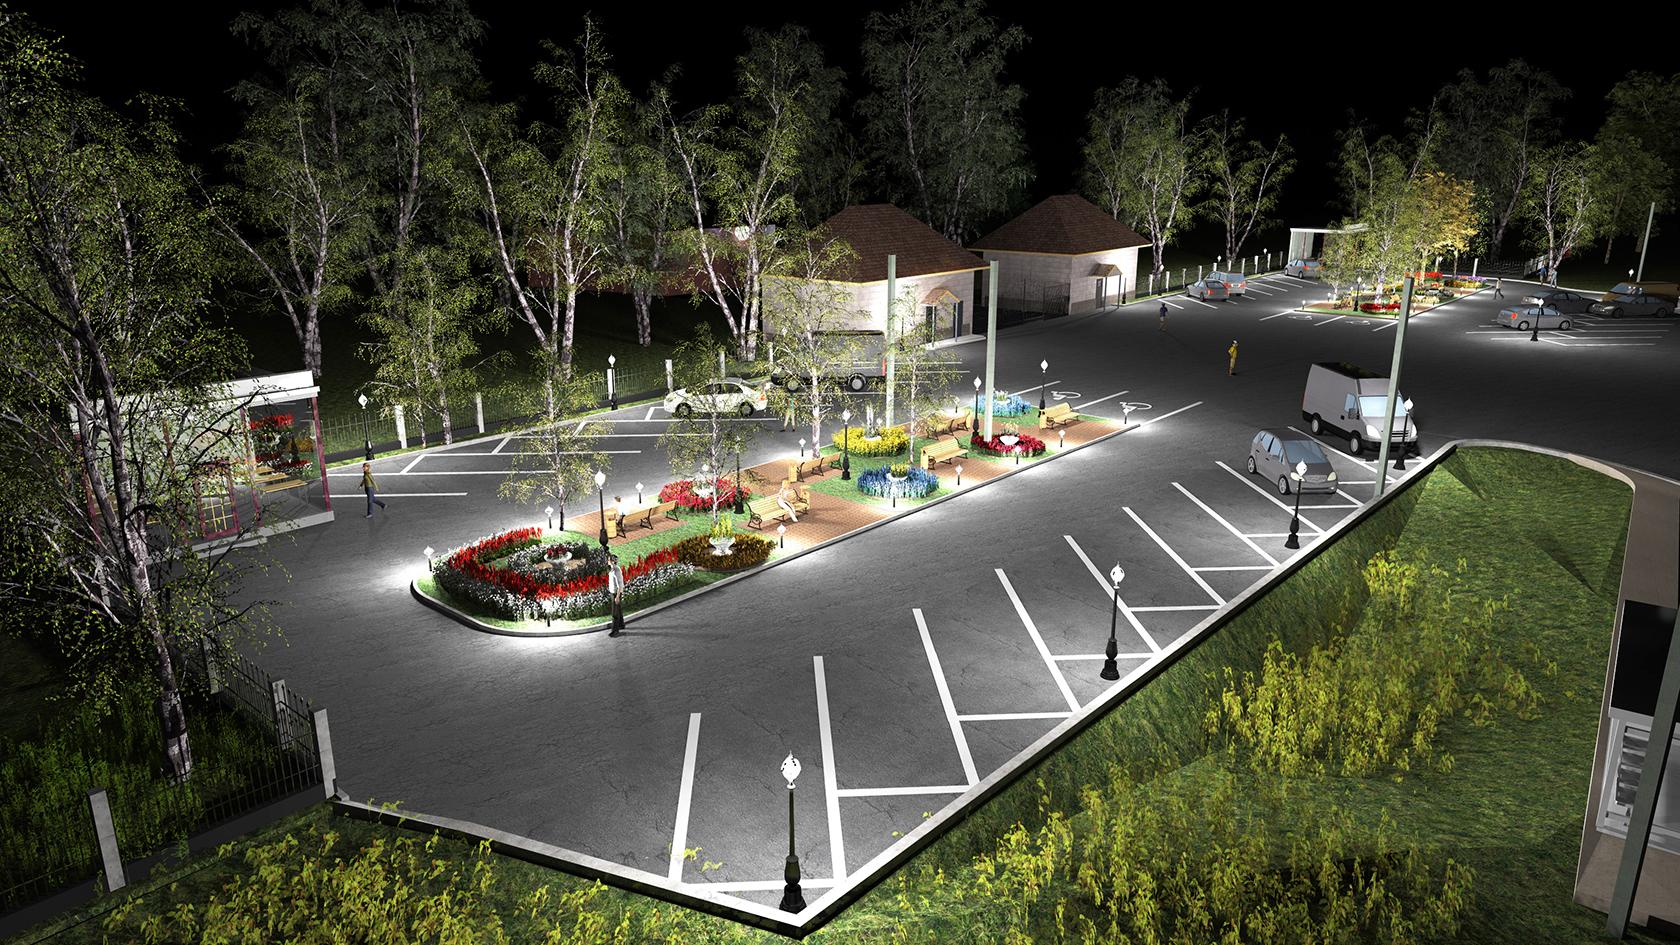 услуги по обустройству территорий производственных комплексов, услуги по обустройству парковочных площадок